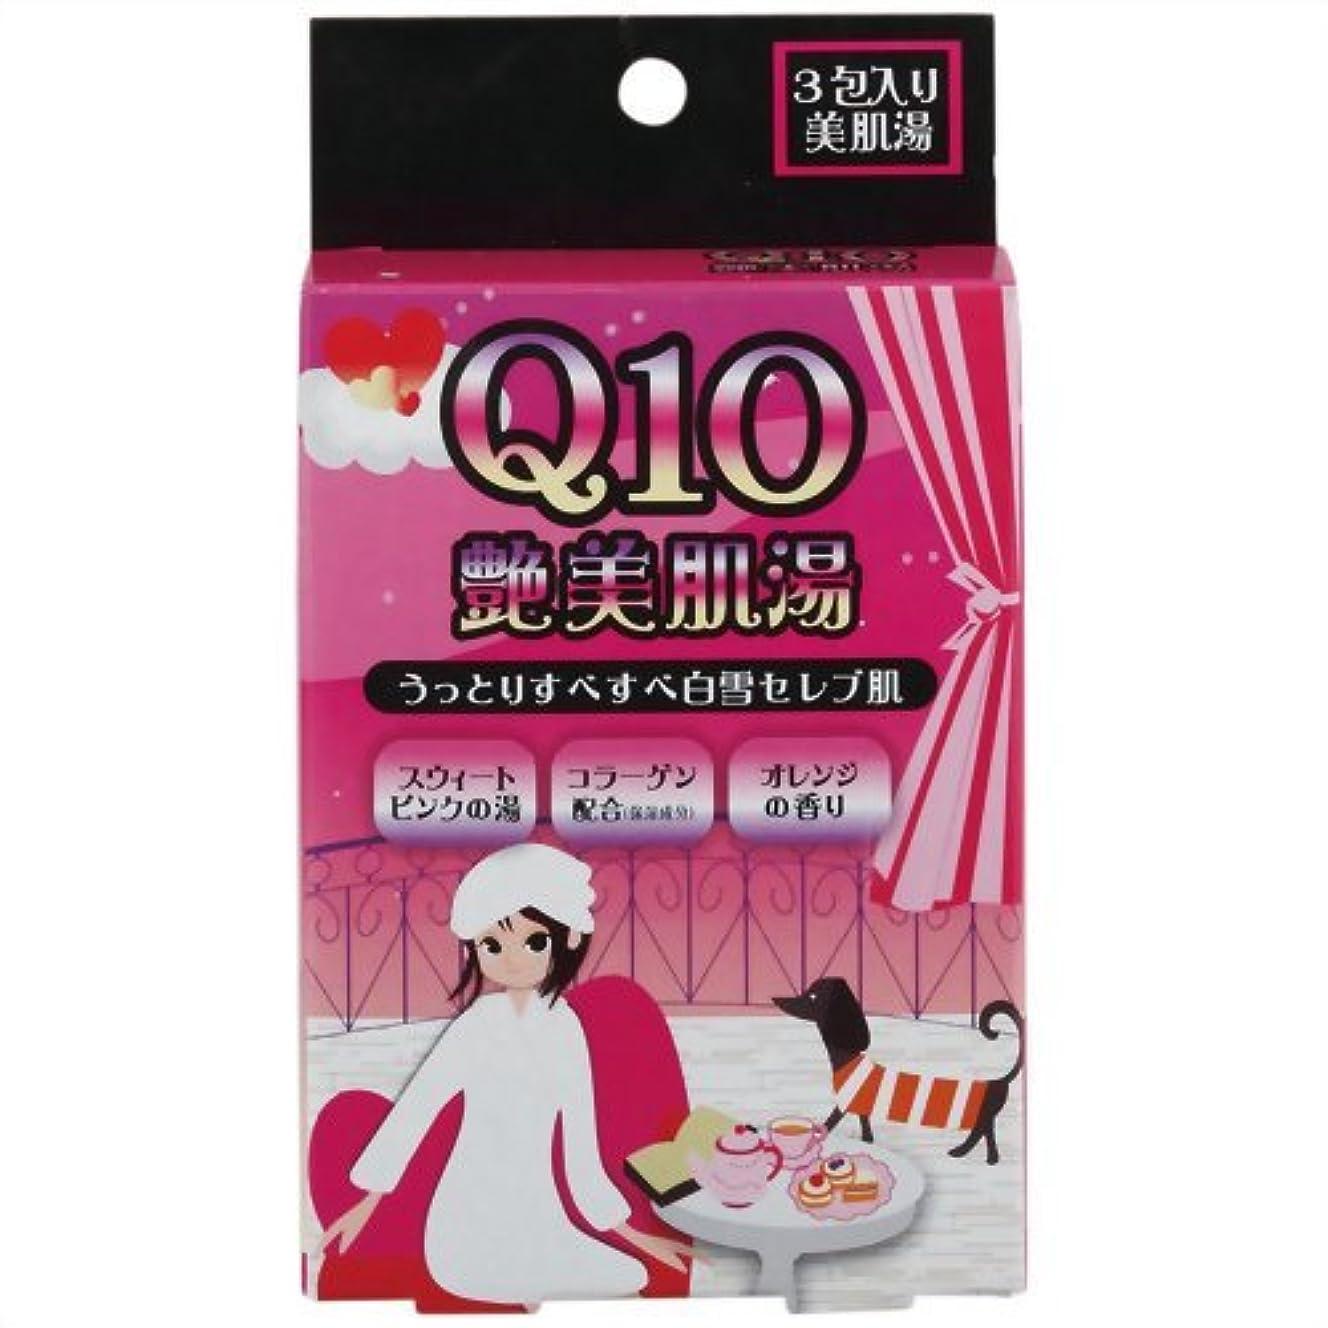 最小化する気候征服者紀陽除虫菊 Q10 艶美肌湯 (オレンジの香り)【まとめ買い10個セット】 N-8370